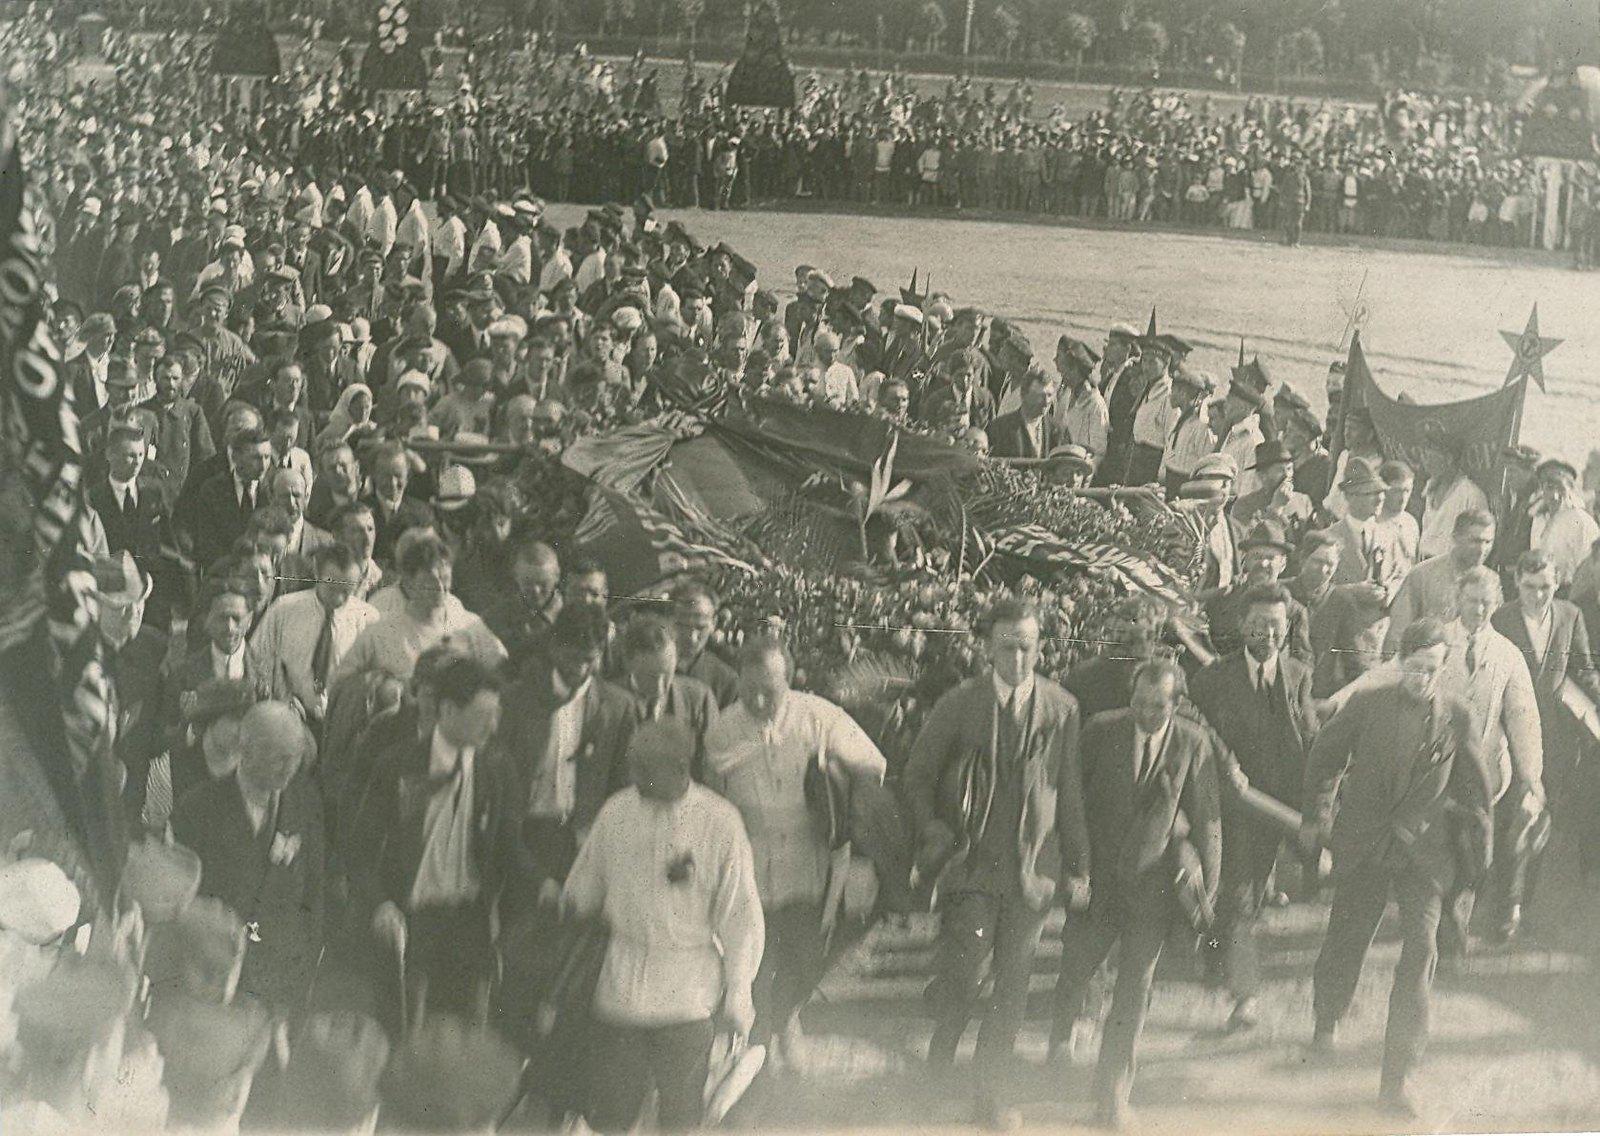 26. 1920. 19 июля. Манифестация на площади Жертв Революции (Марсово поле) во время торжественного открытия II конгресса Коминтерна